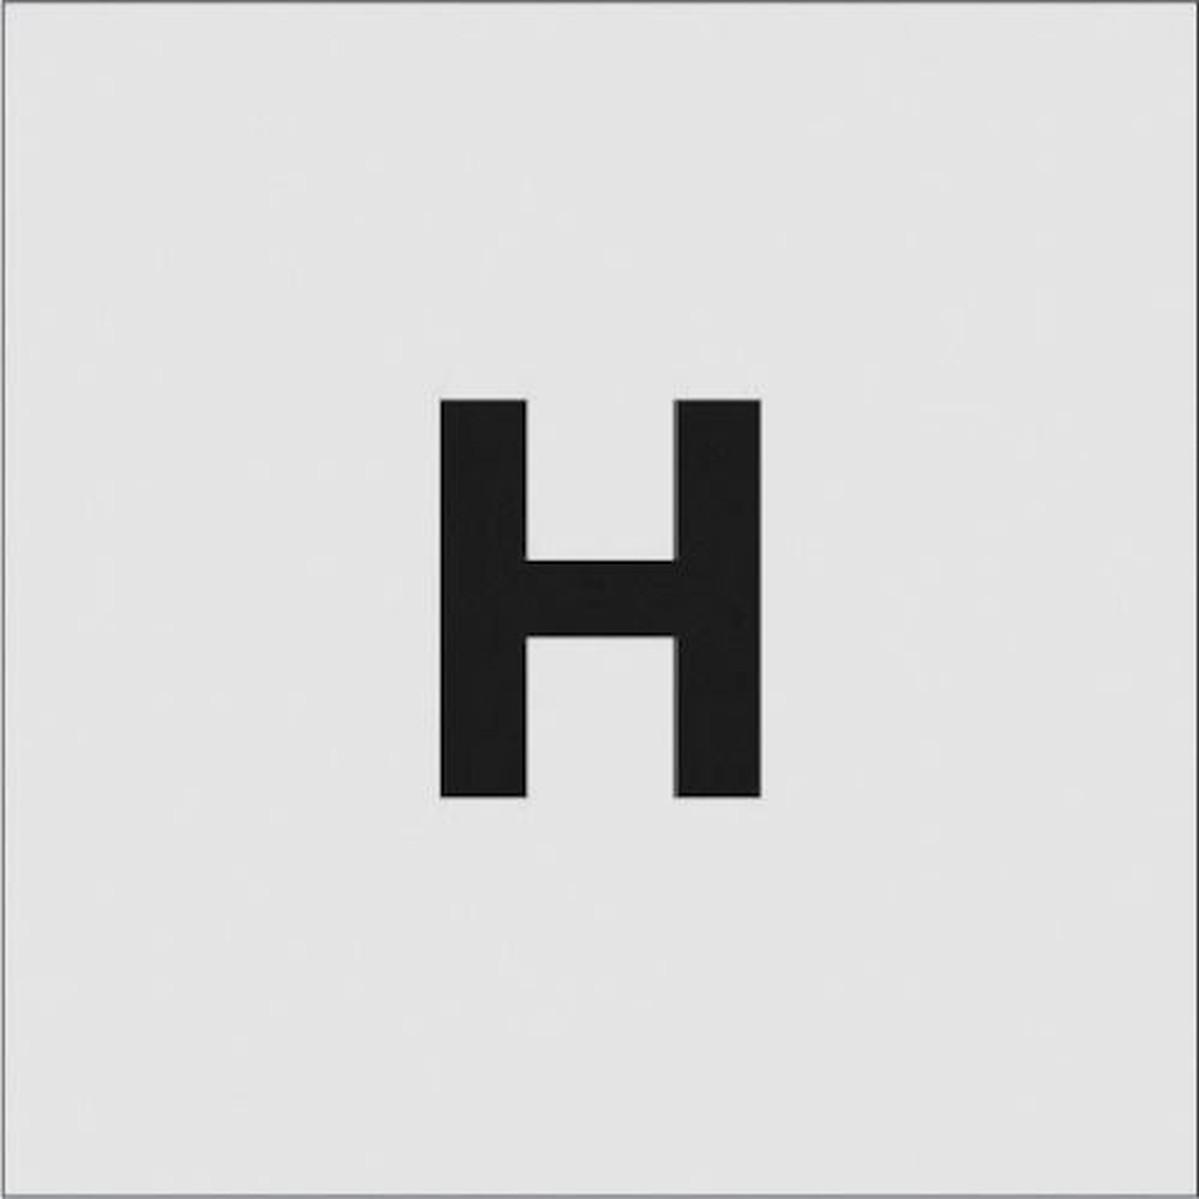 特売 あす楽対応 与え DIY用品 IM ステンシル 1枚 H 文字サイズ50×40mm